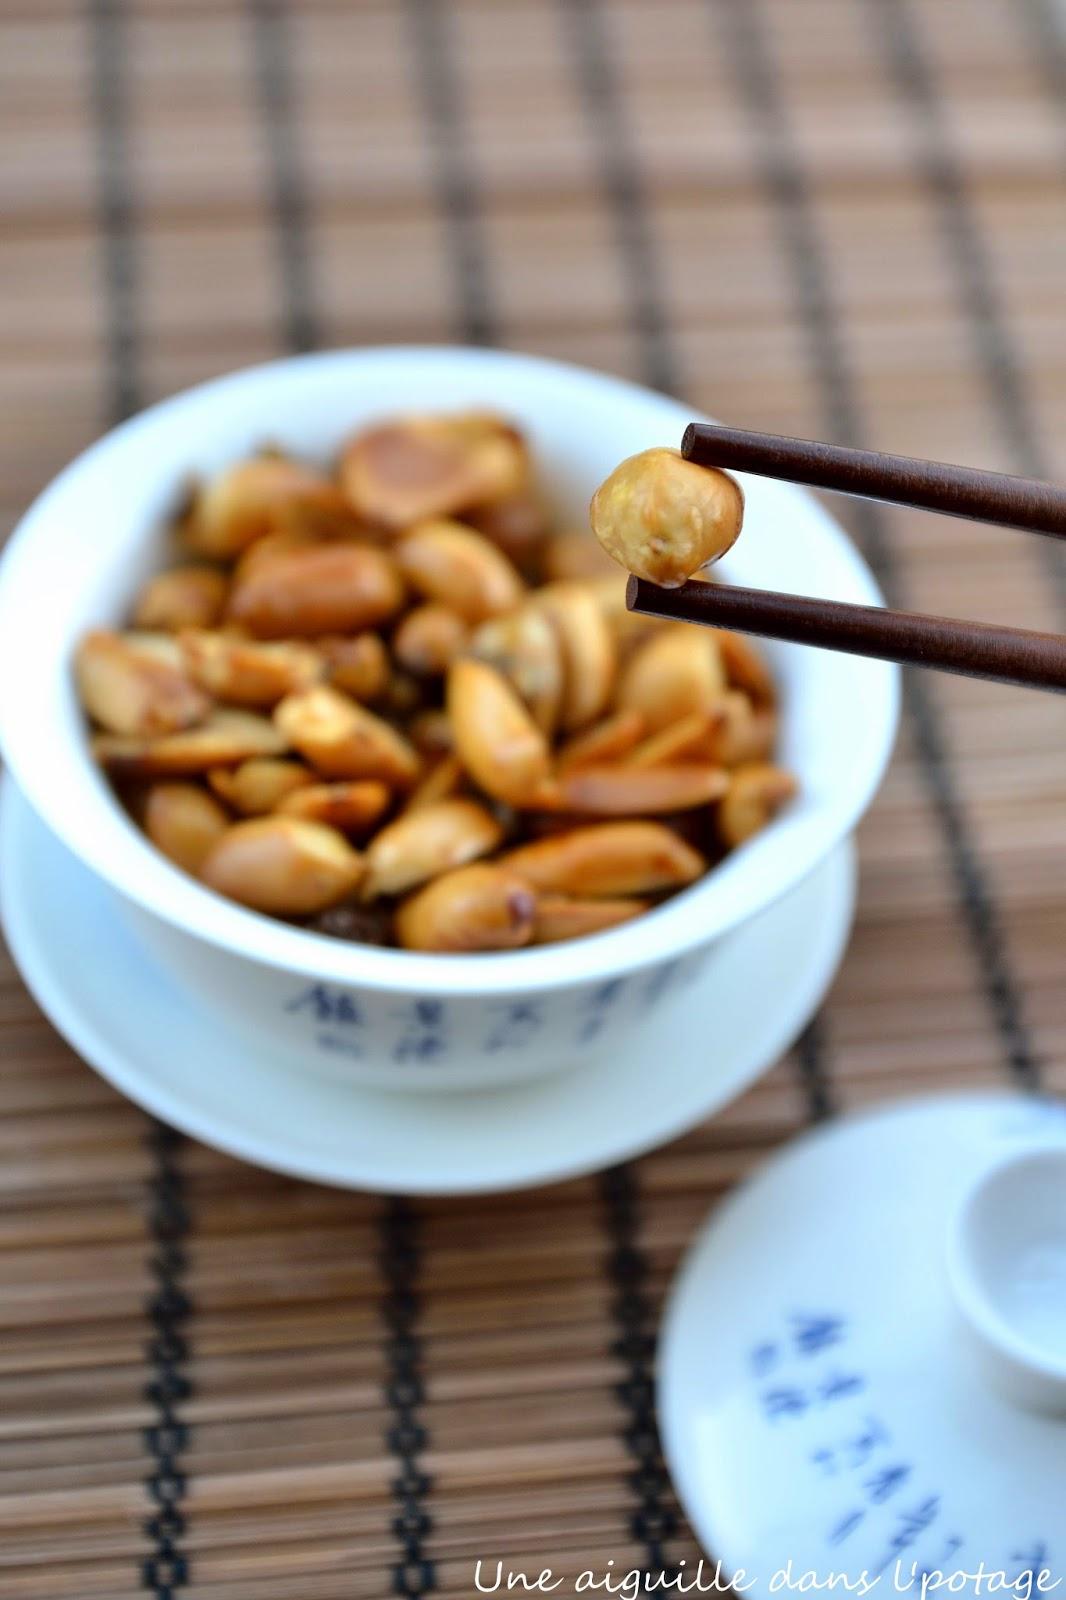 peanuts ken hom recipe